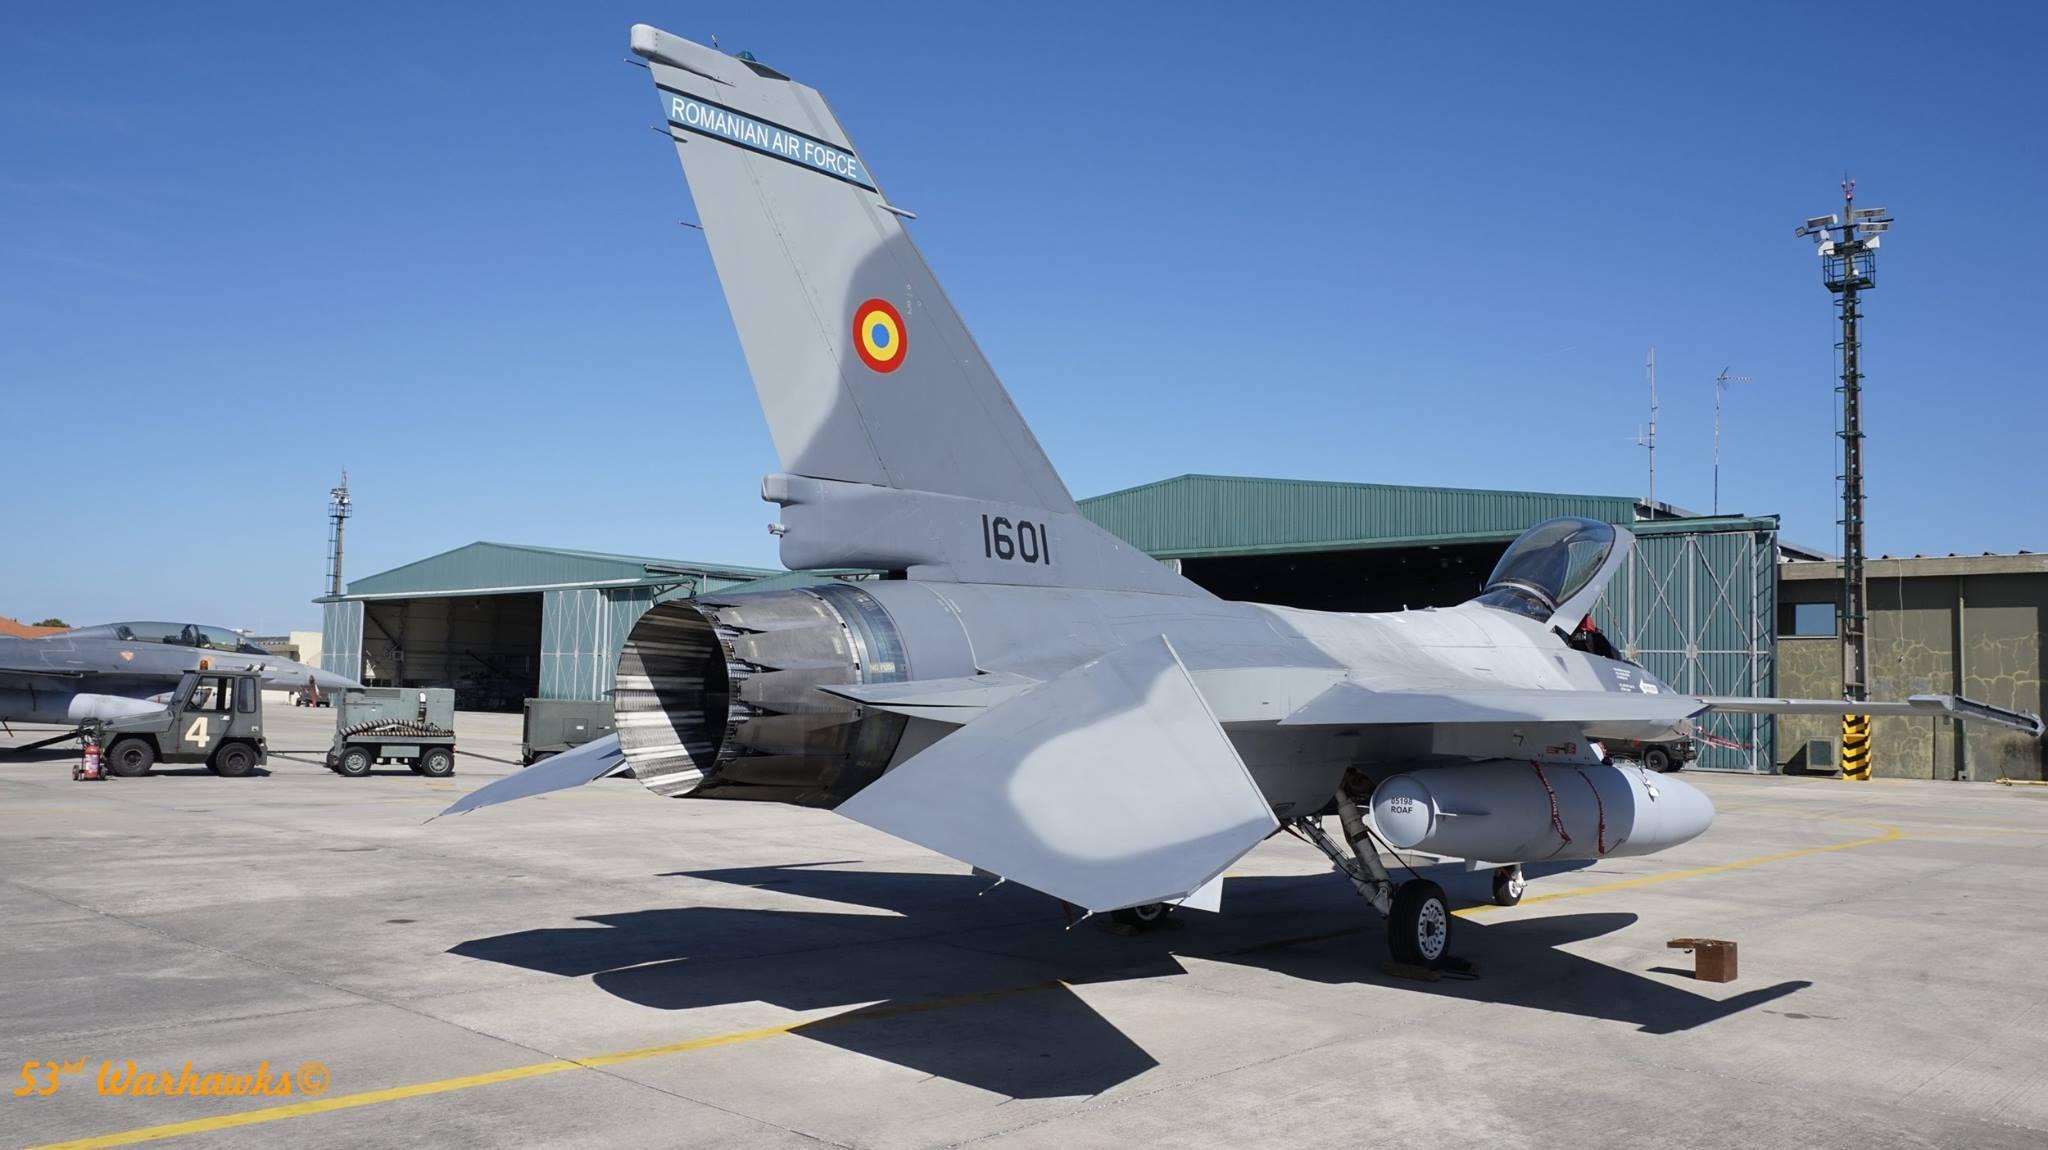 Statele Unite au trimis în România sute de militari şi avioane F-16,pentru descurajarea Rusiei